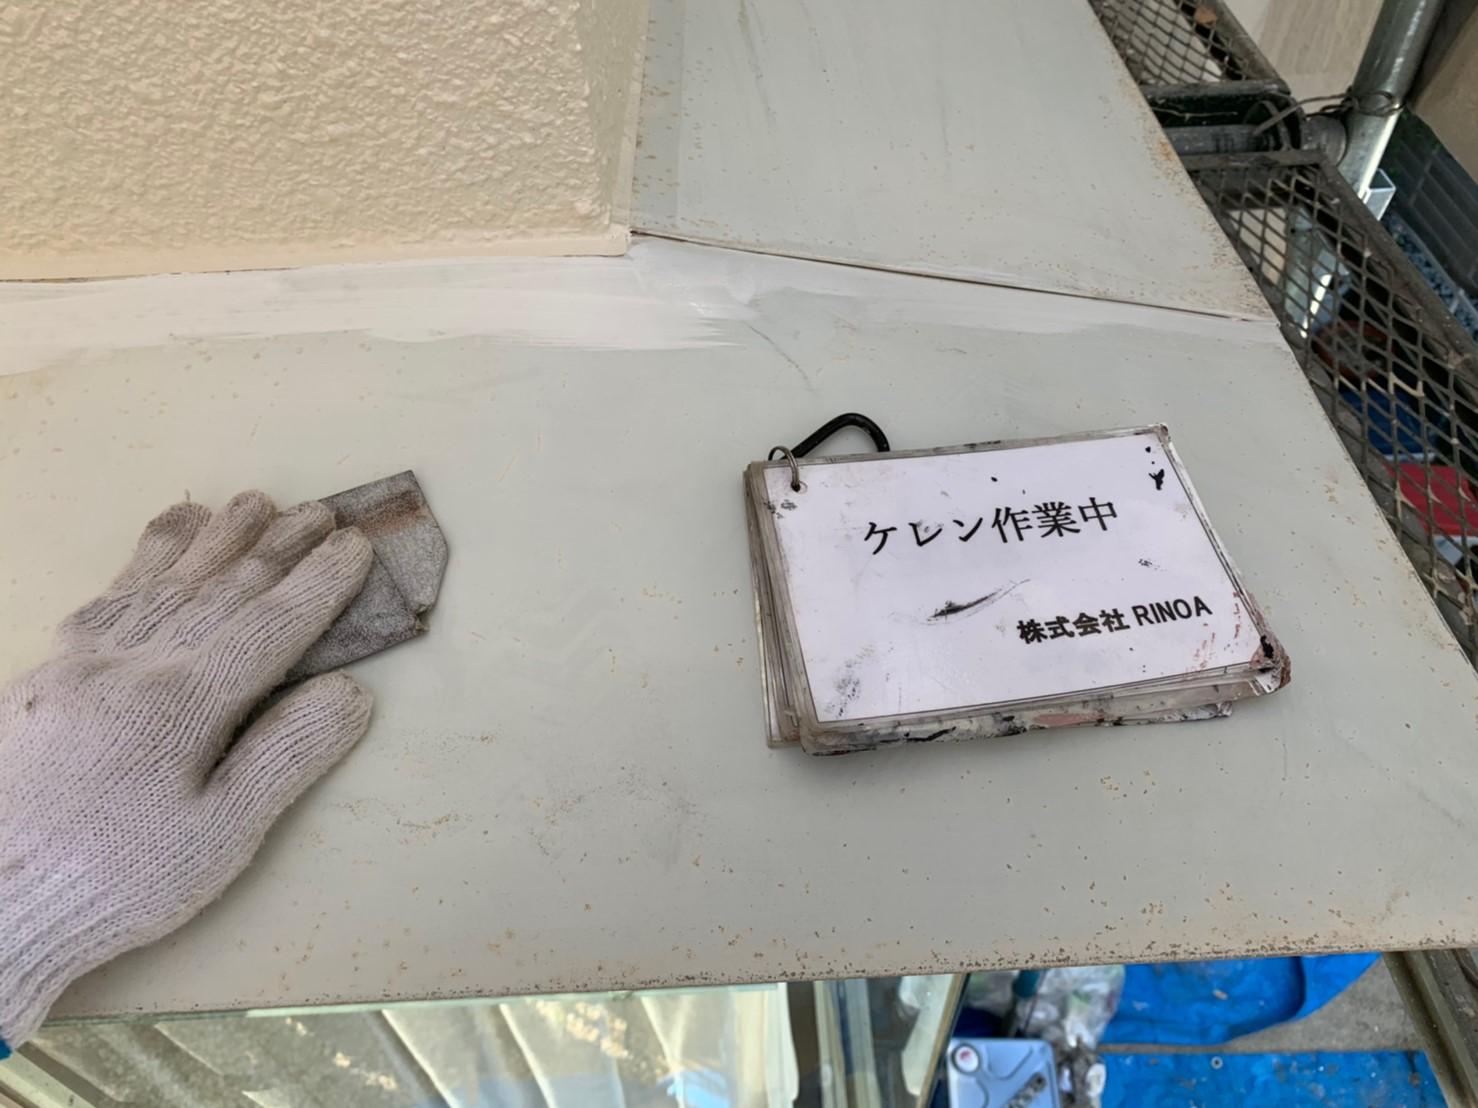 神奈川県伊勢原市 屋根葺き替え工事 外壁塗装 付帯部塗装 ケレン作業  (3)